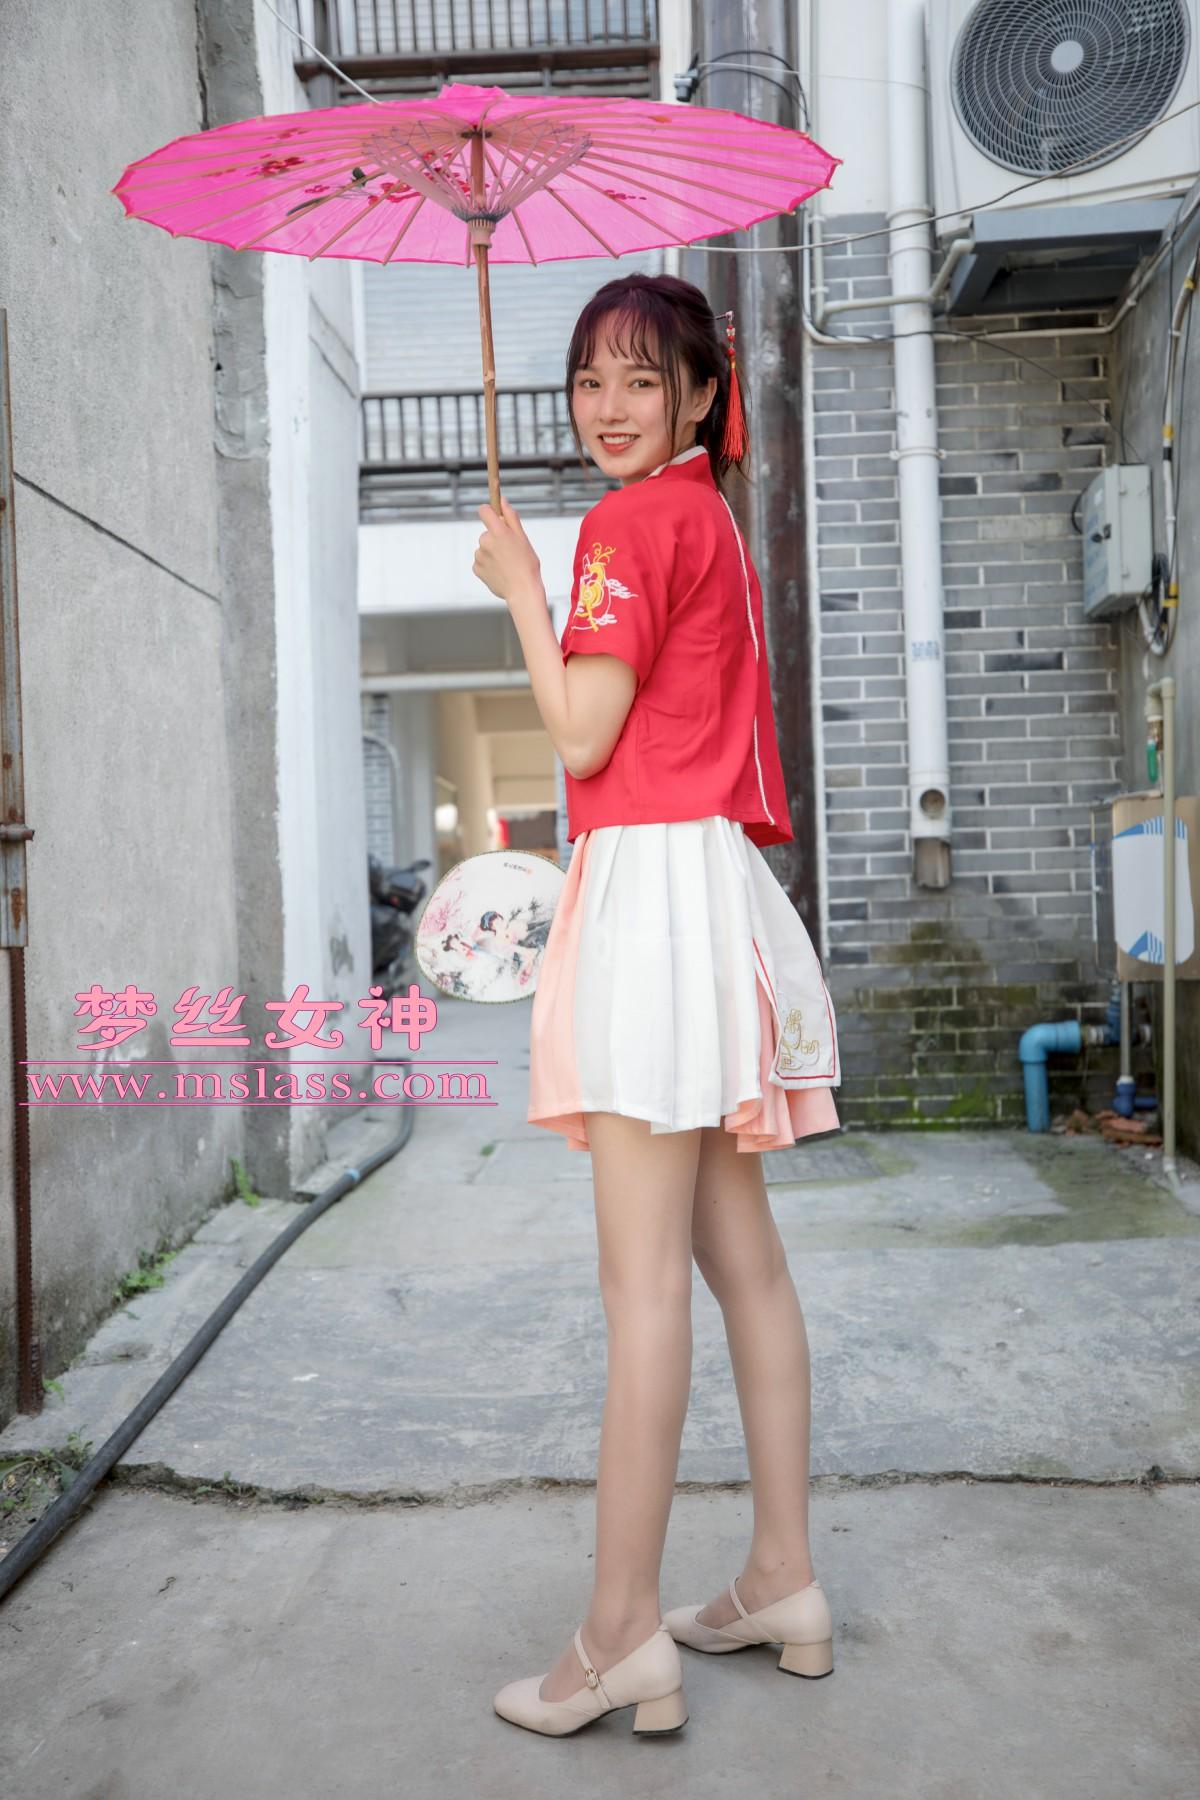 [MSLASS]梦丝女神 玥玥 长城古风少女[97P] 梦丝女神 第2张